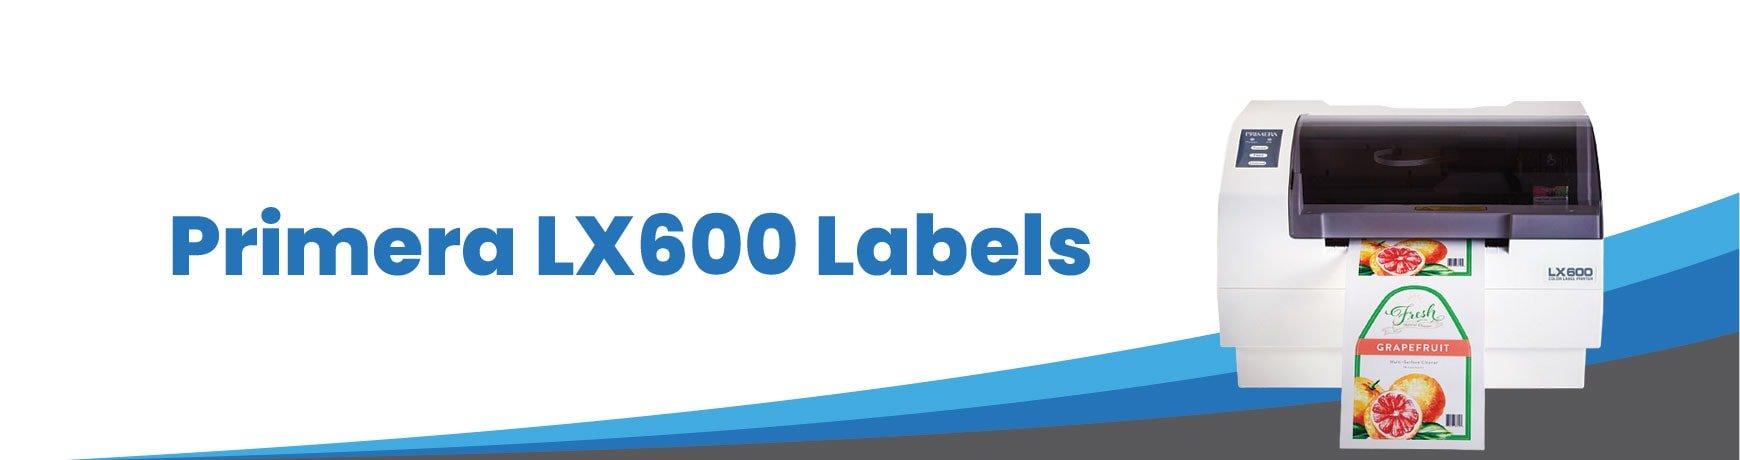 Primera LX600 Labels